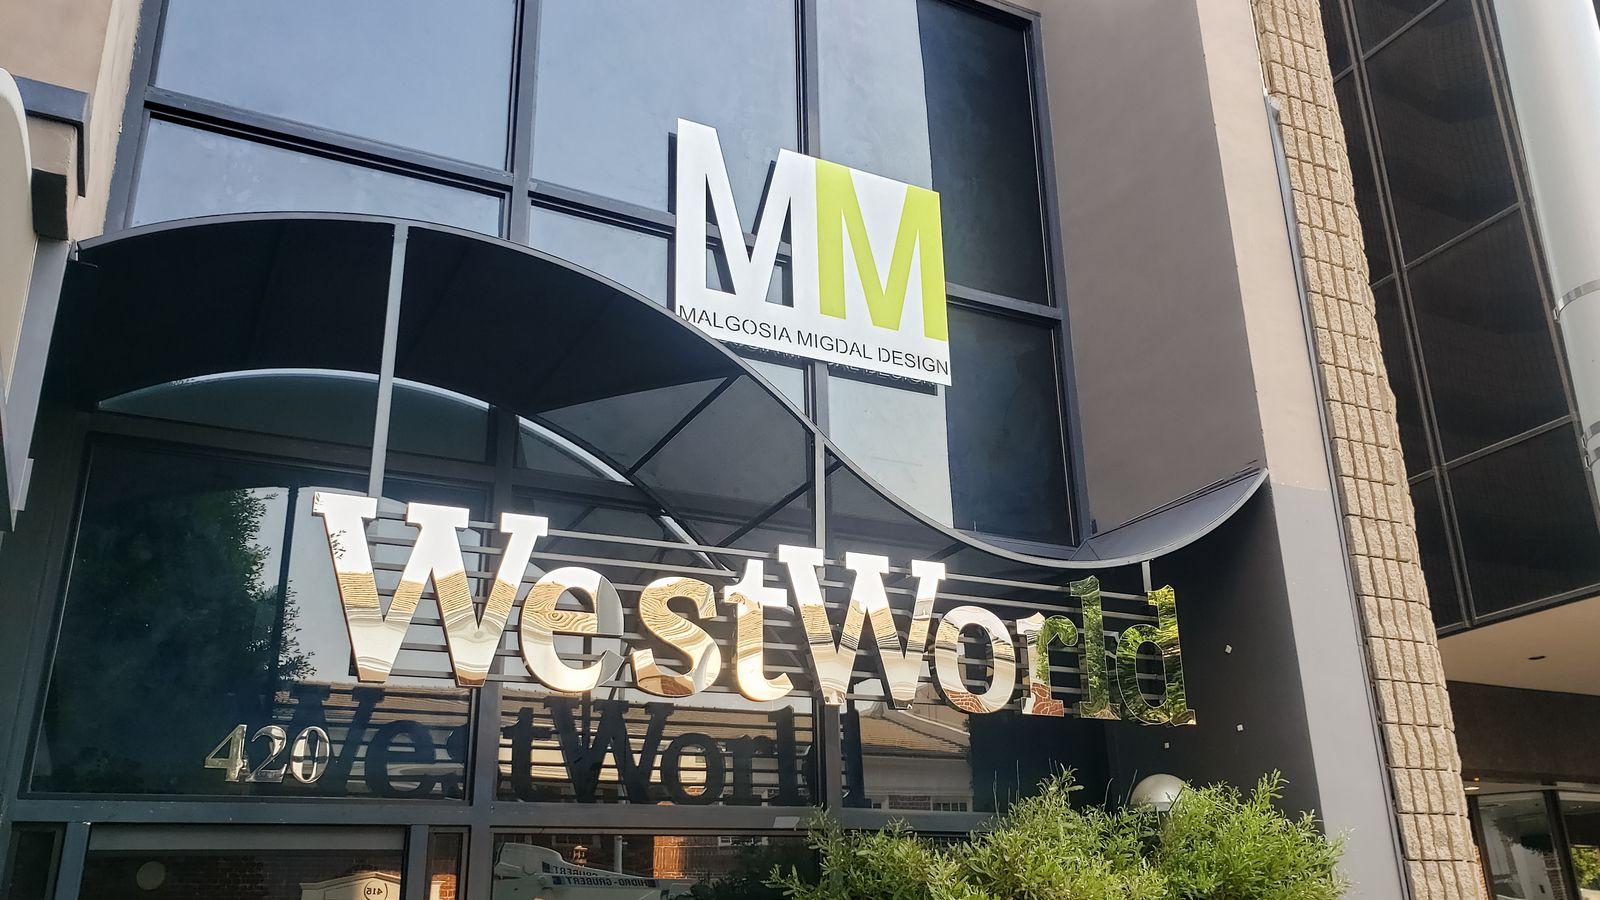 WestWorld 3D letters